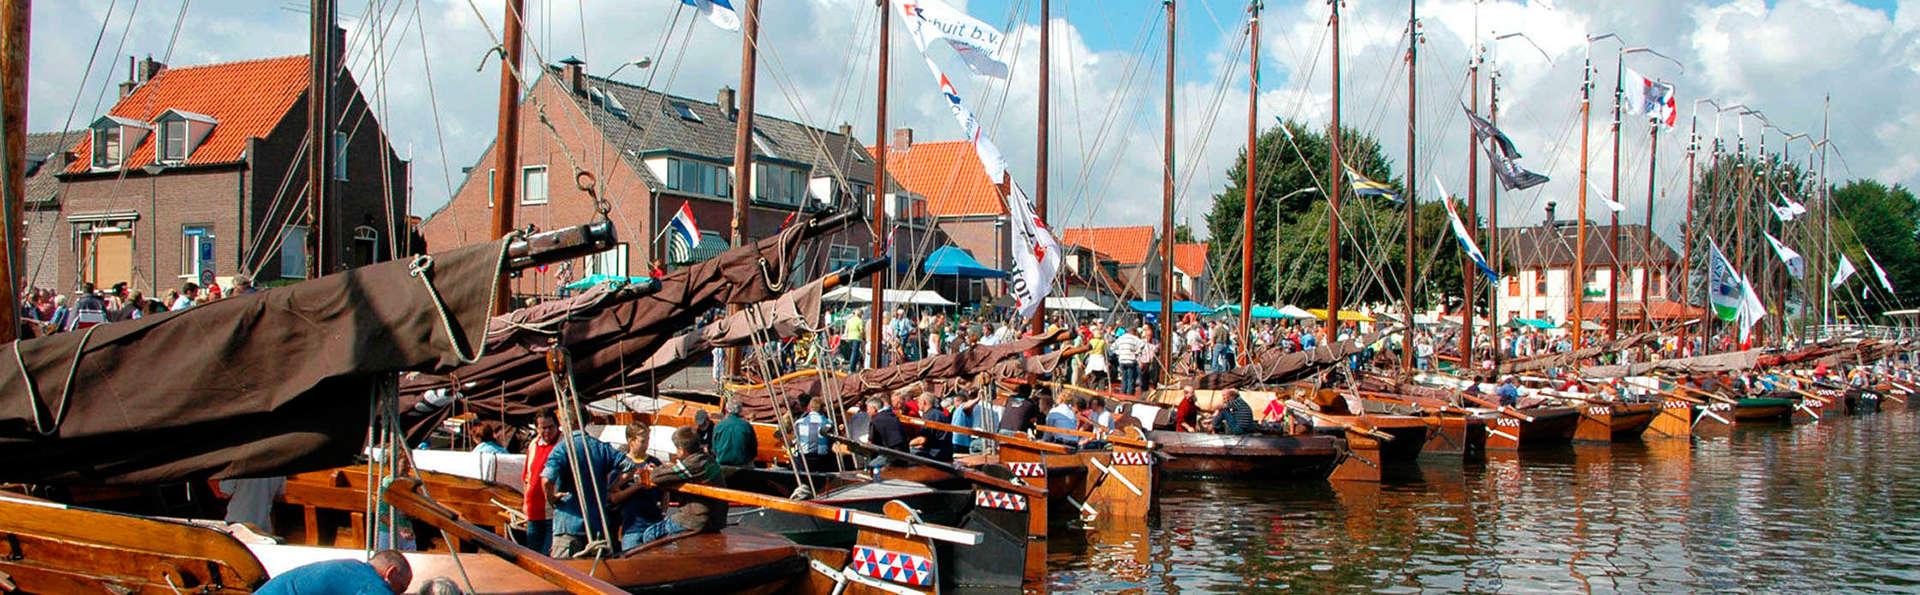 Van der Valk hotel Harderwijk - EDIT_destination1.jpg